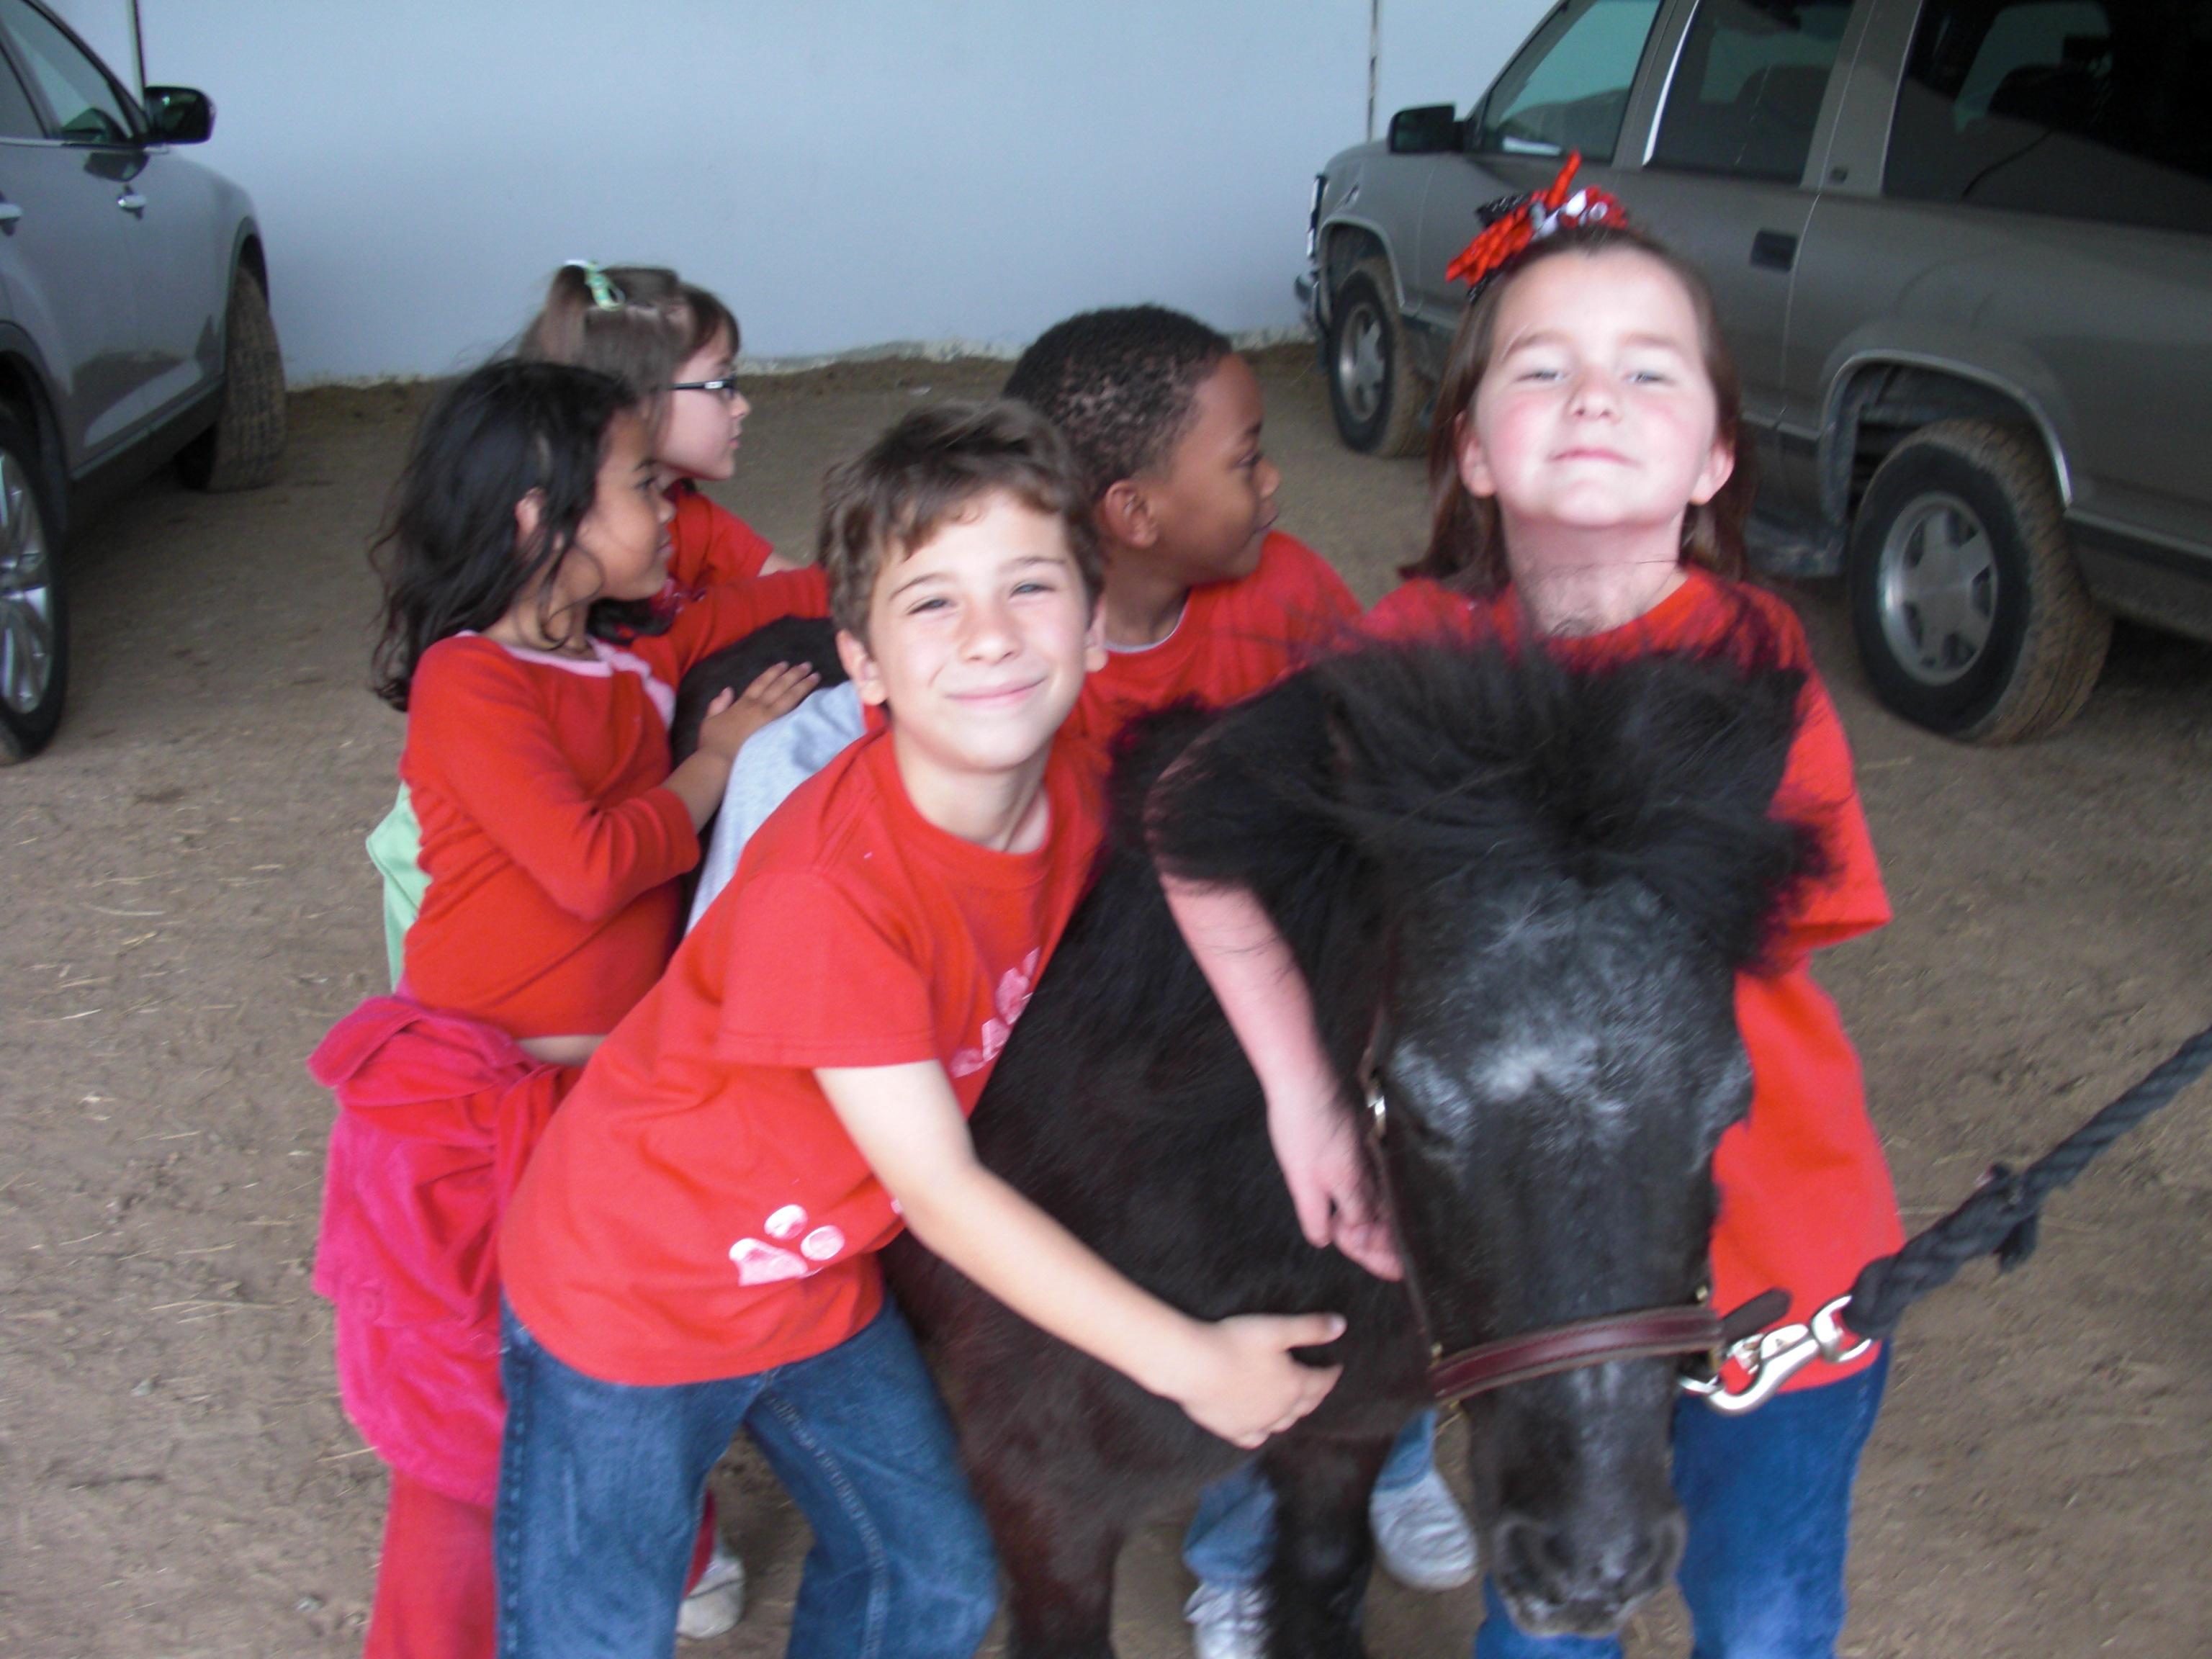 Personal Ponies